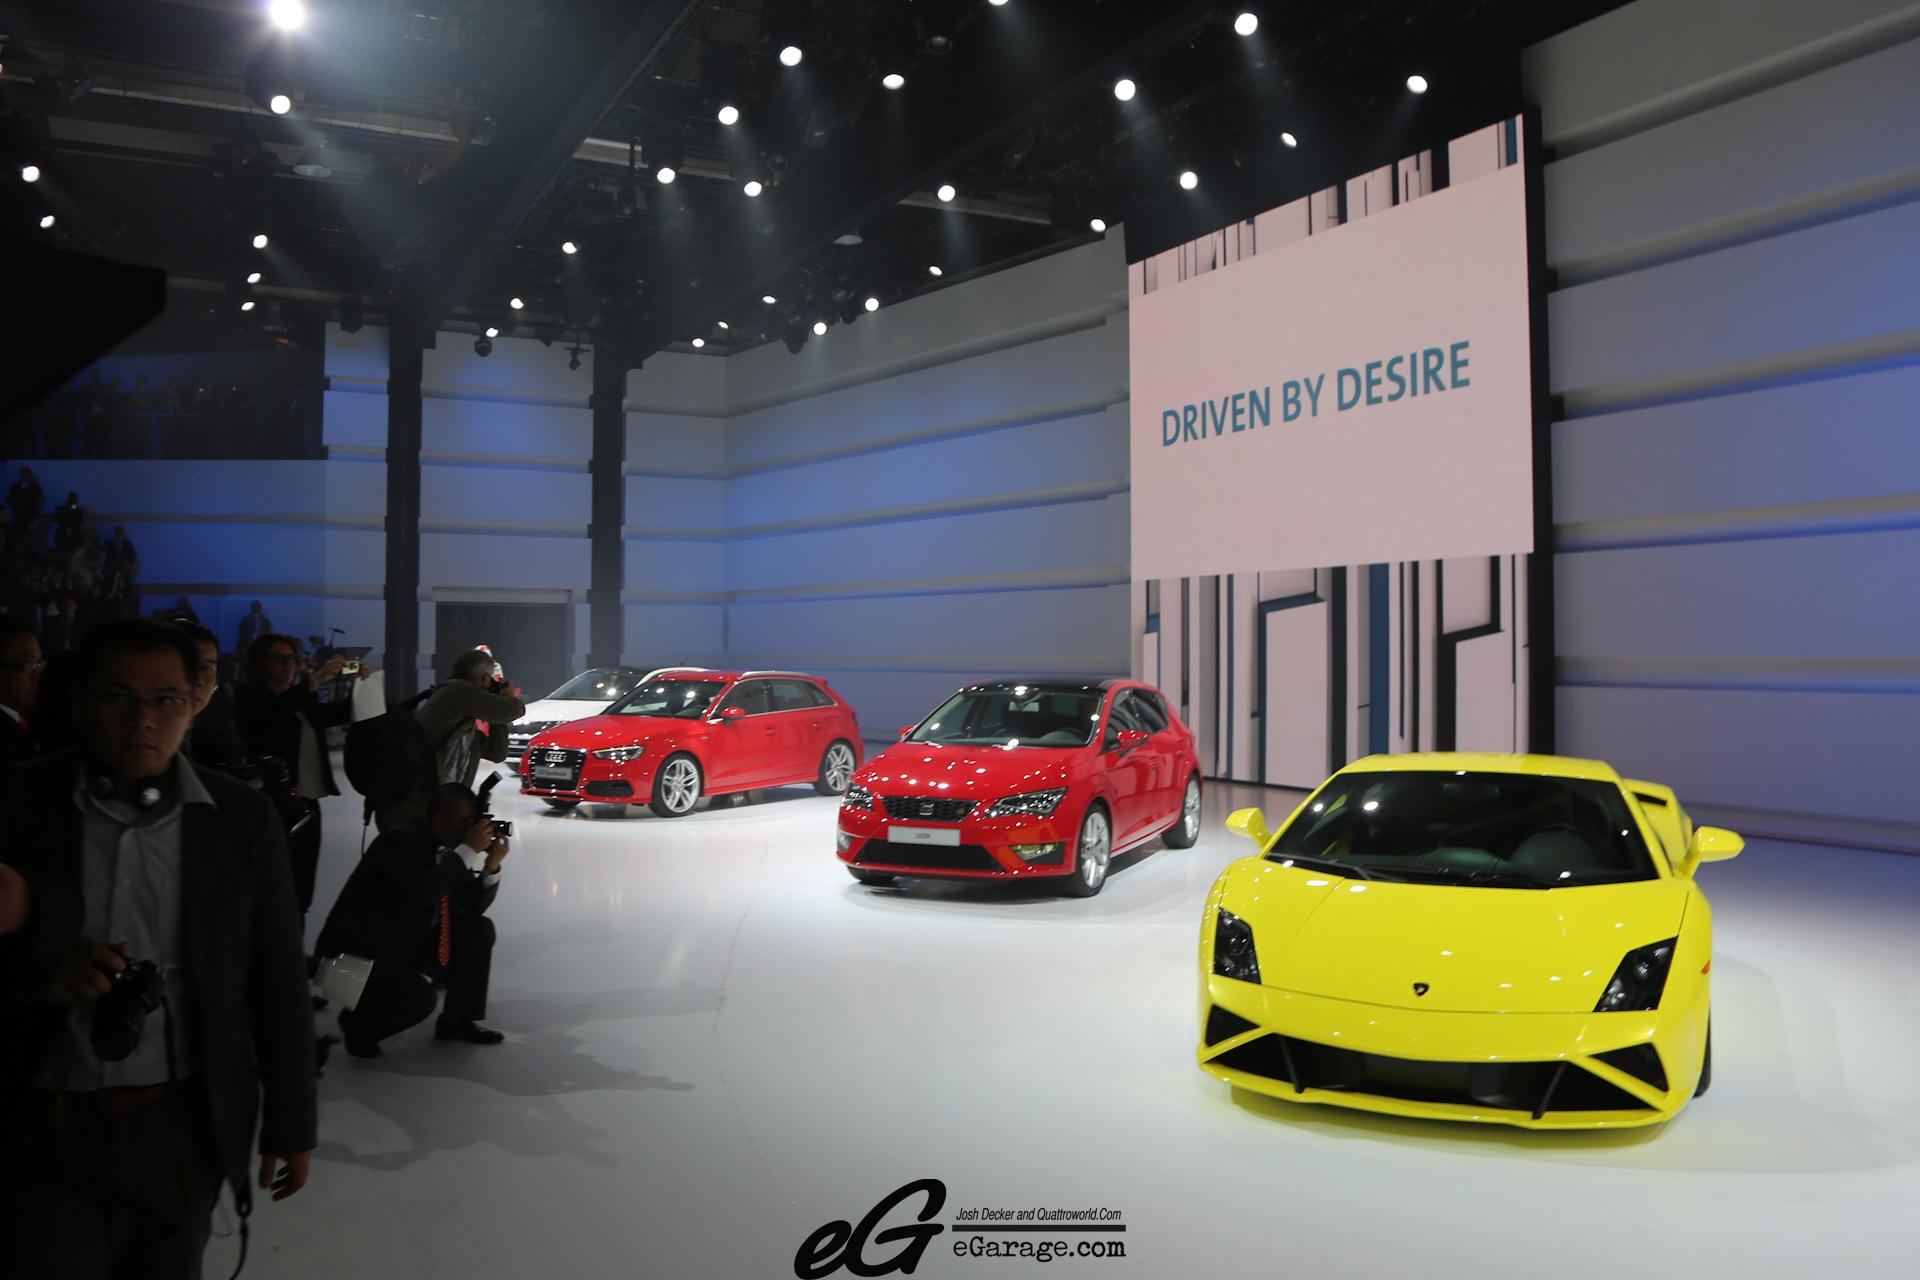 8030382399 519766de2f o 2012 Paris Motor Show